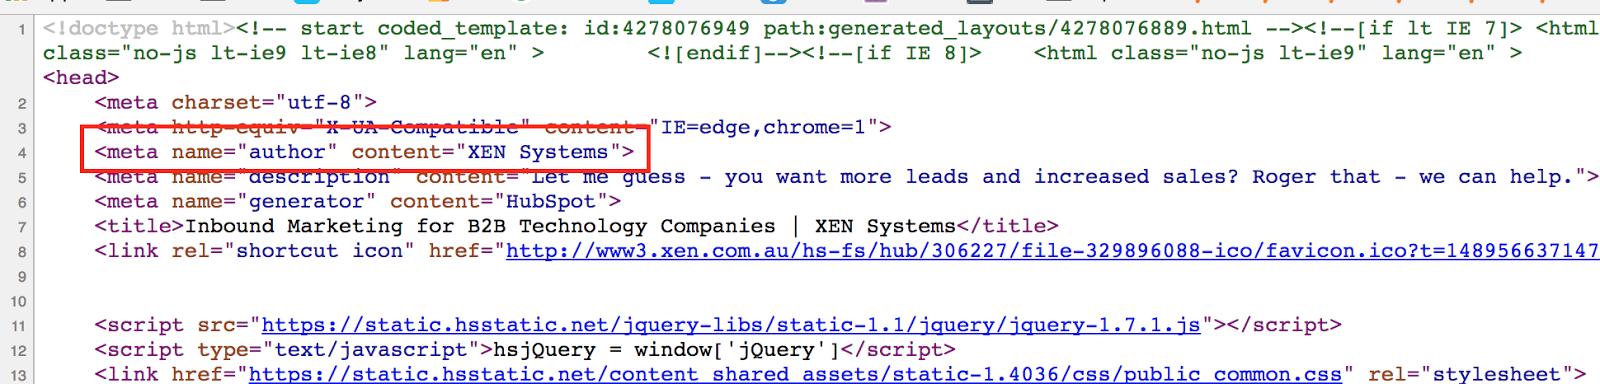 hubspot meta author tag